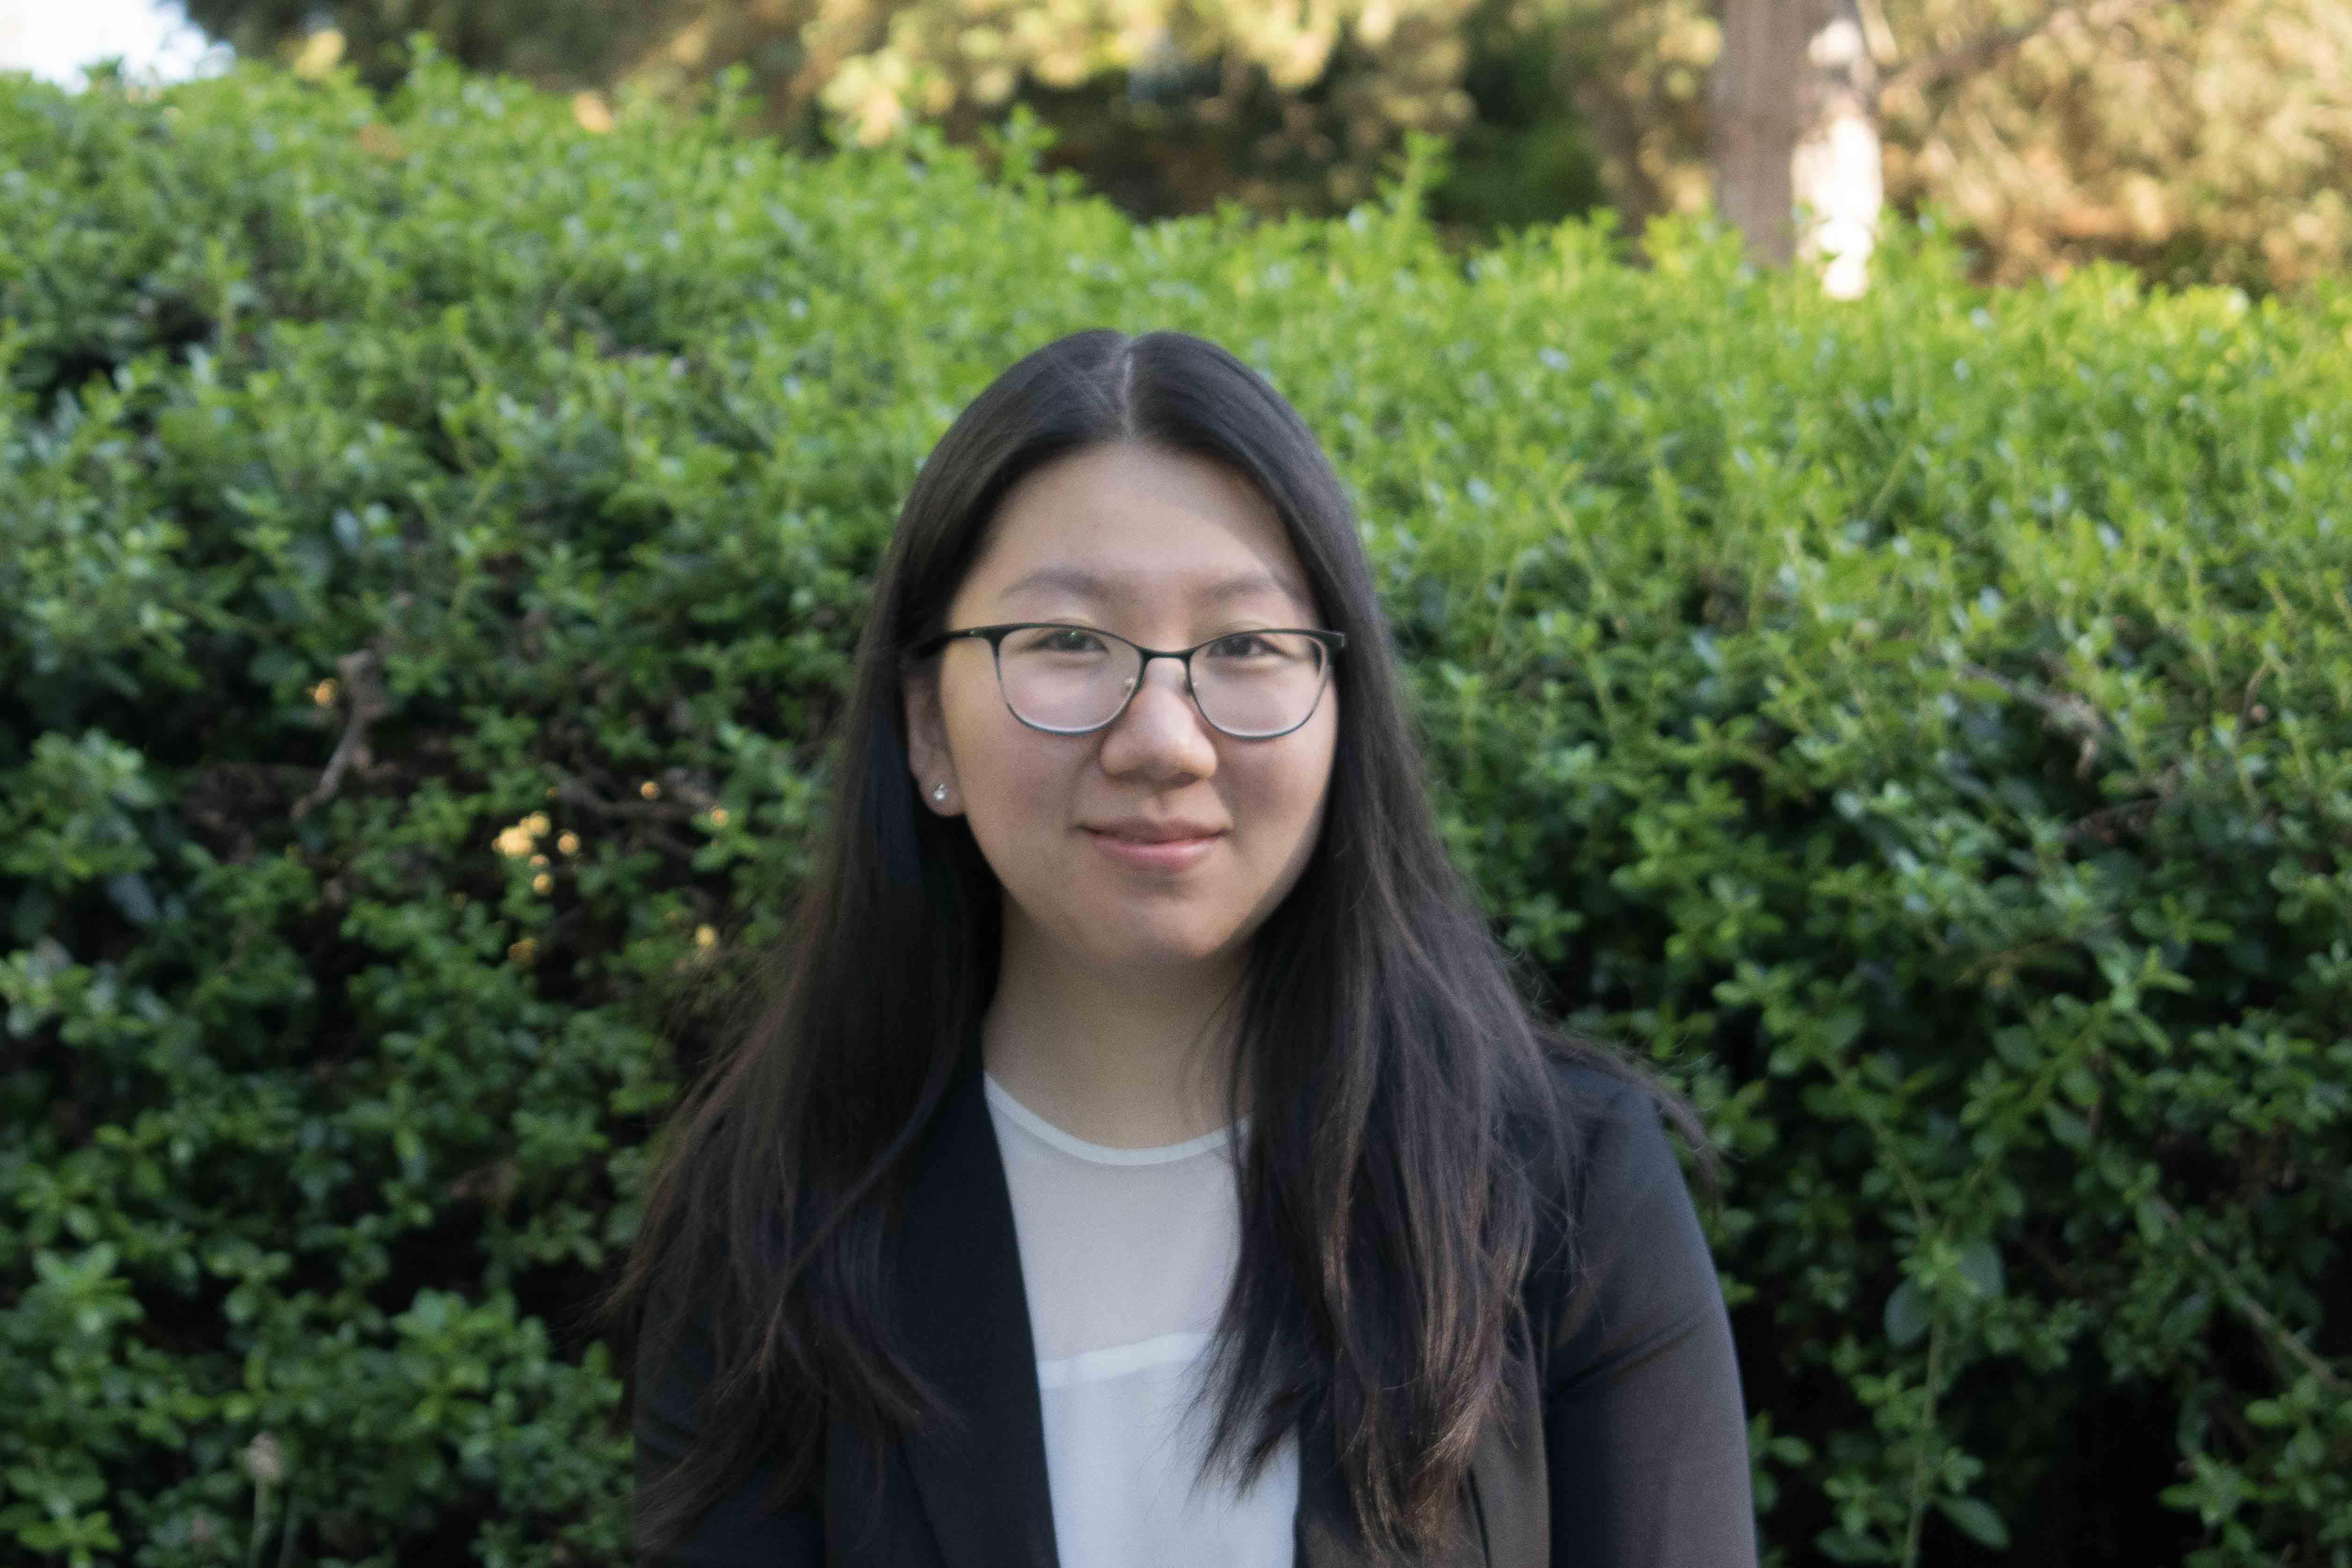 Cathy Zhou